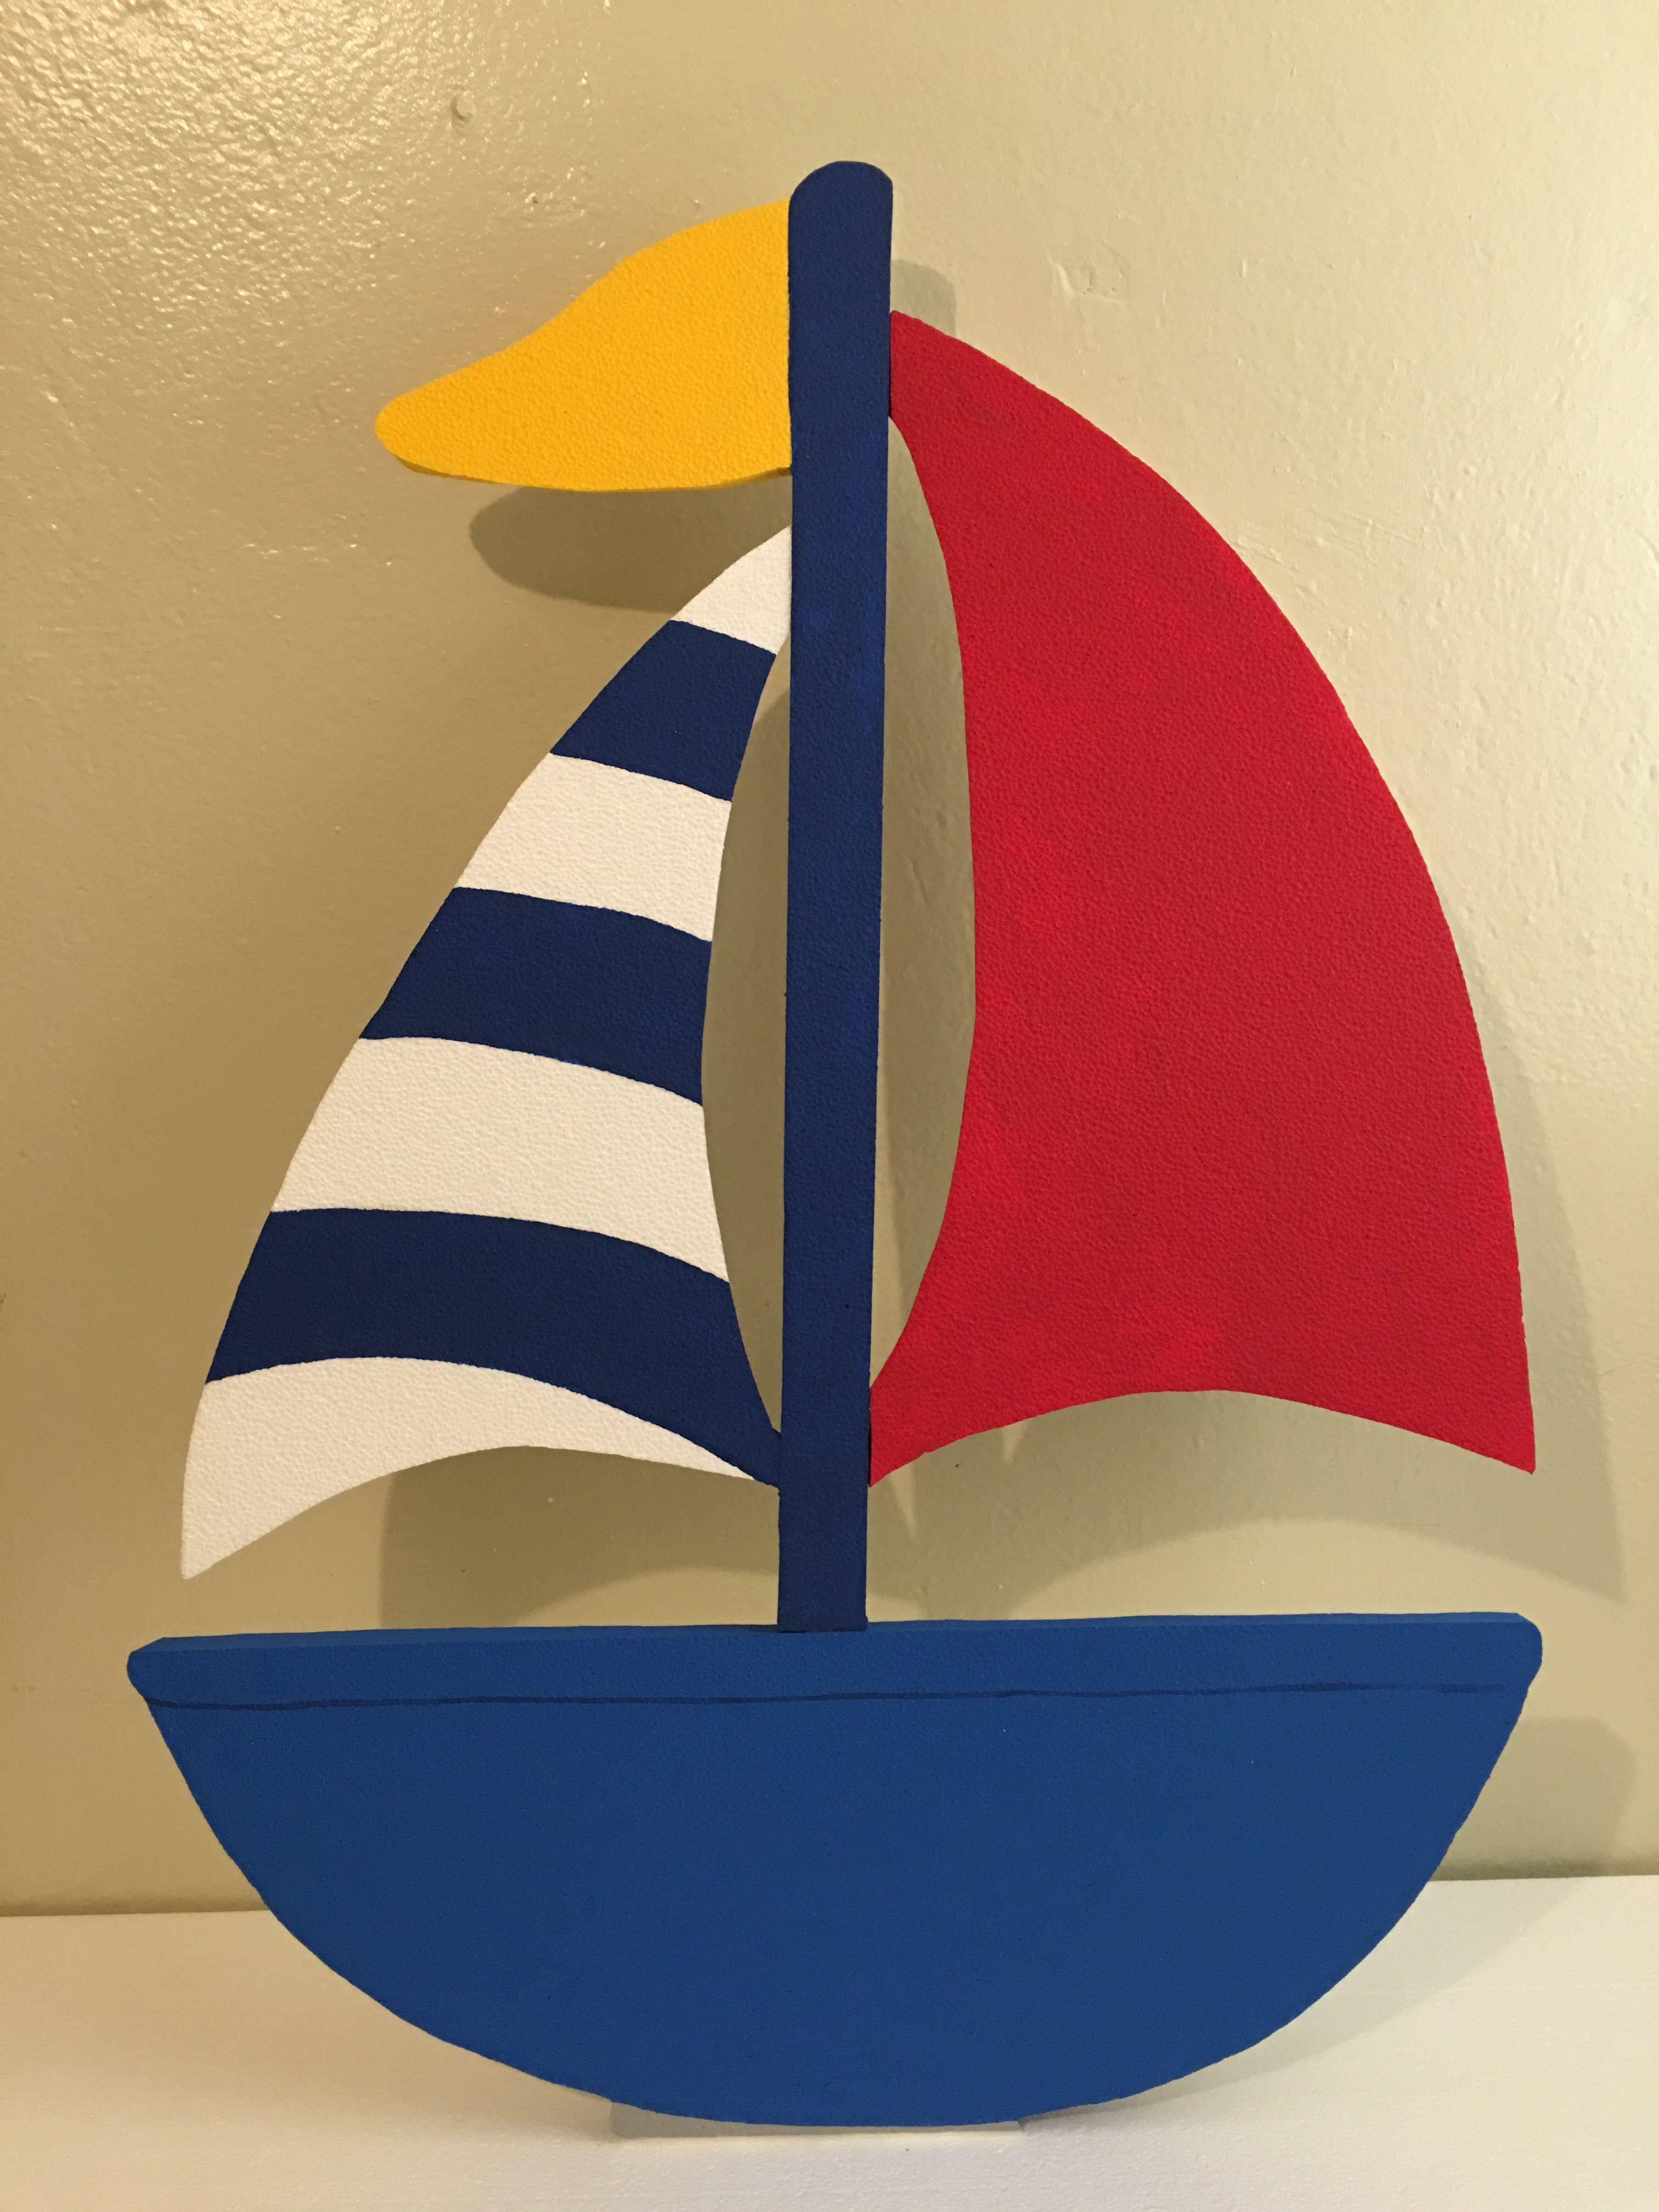 Кораблики сделанные своими руками в картинках